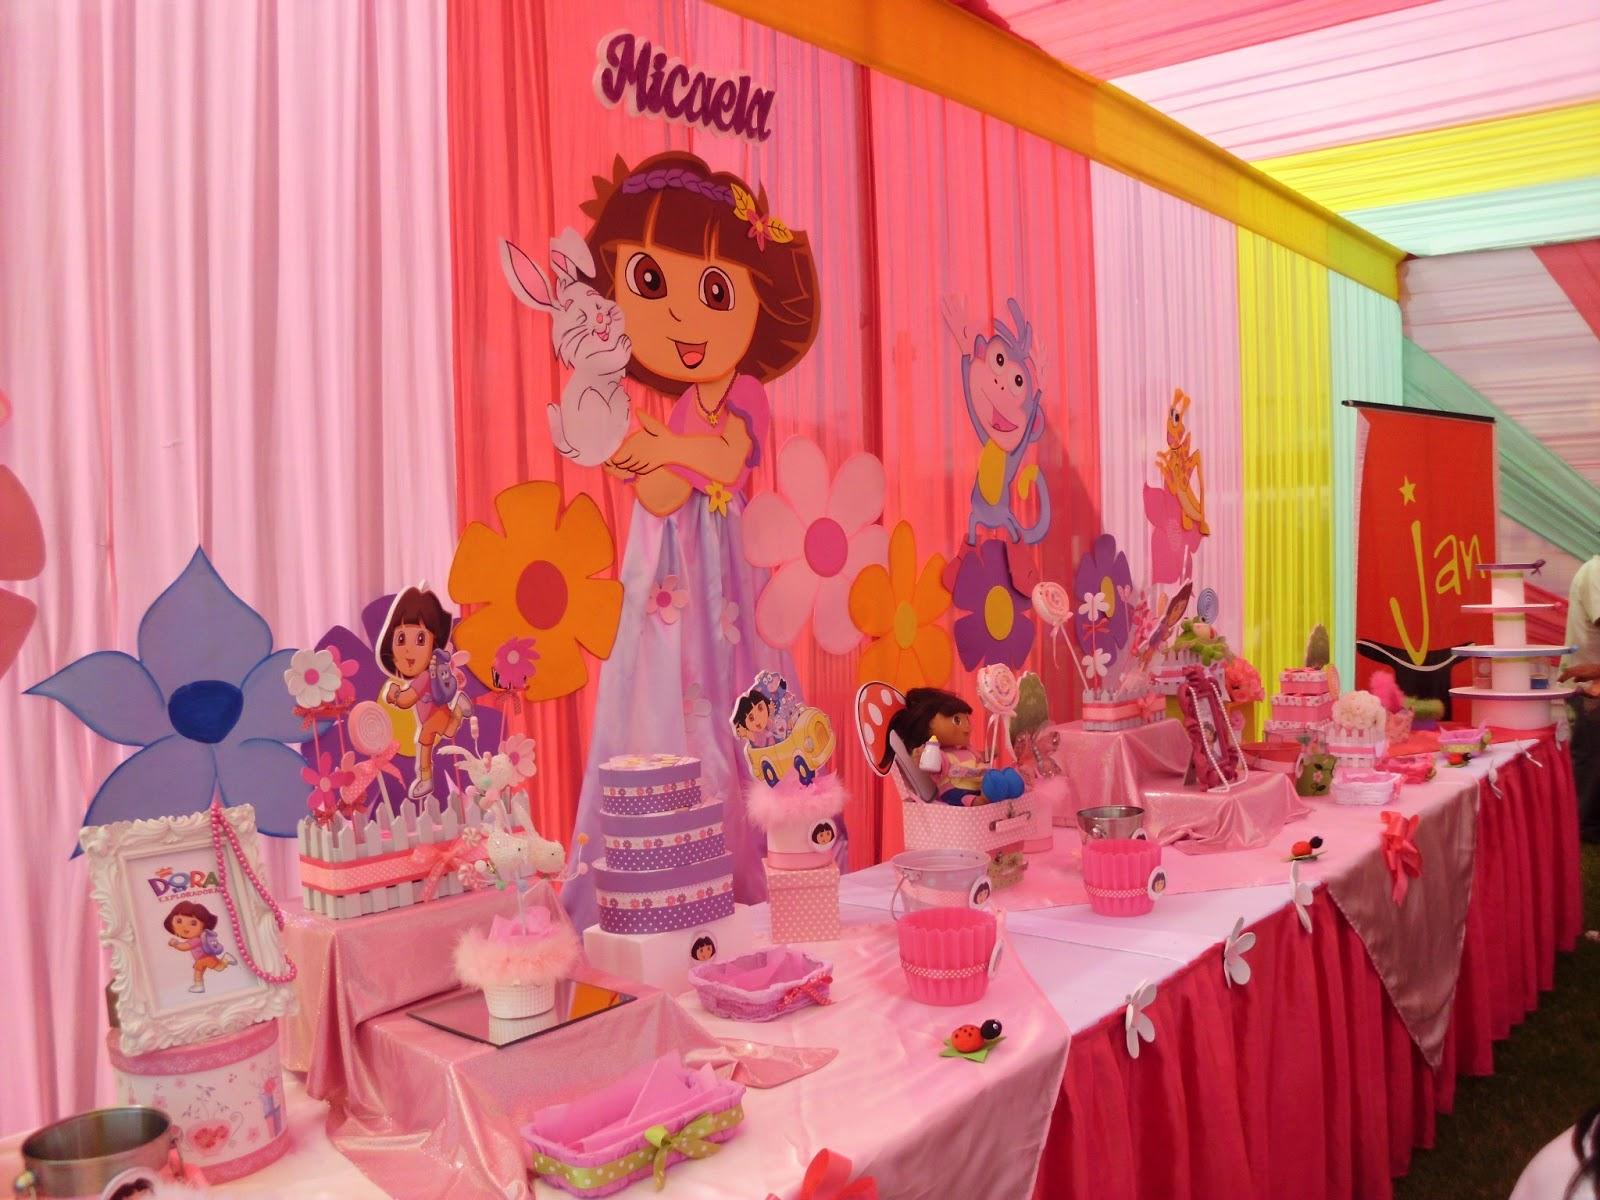 Decoraci n de fiestas infantiles y cumplea os en lima - Decoracion fiestas cumpleanos ...